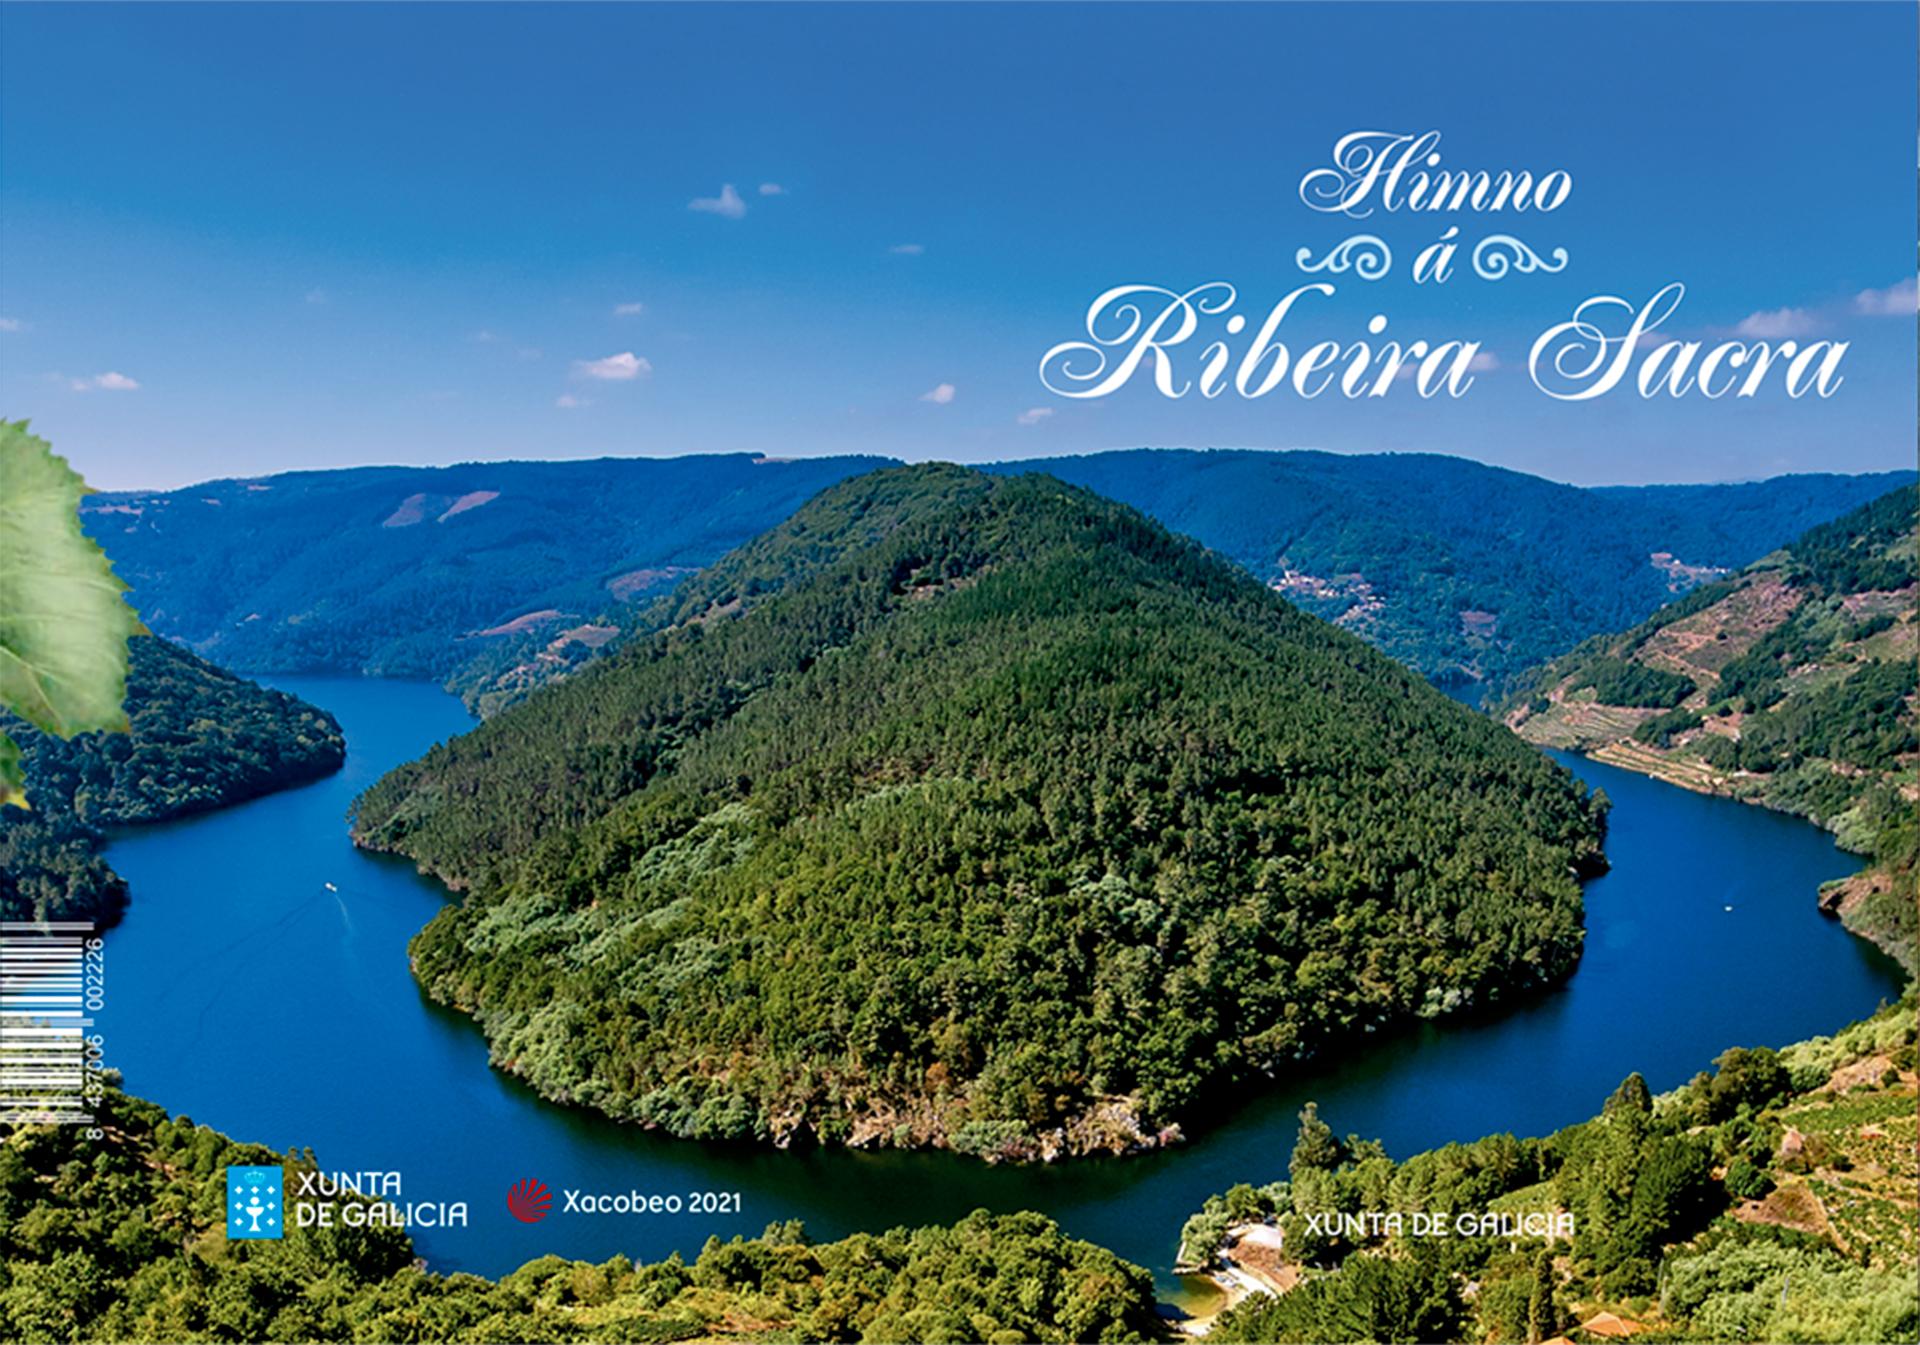 himno-ribeira-sacra-slide